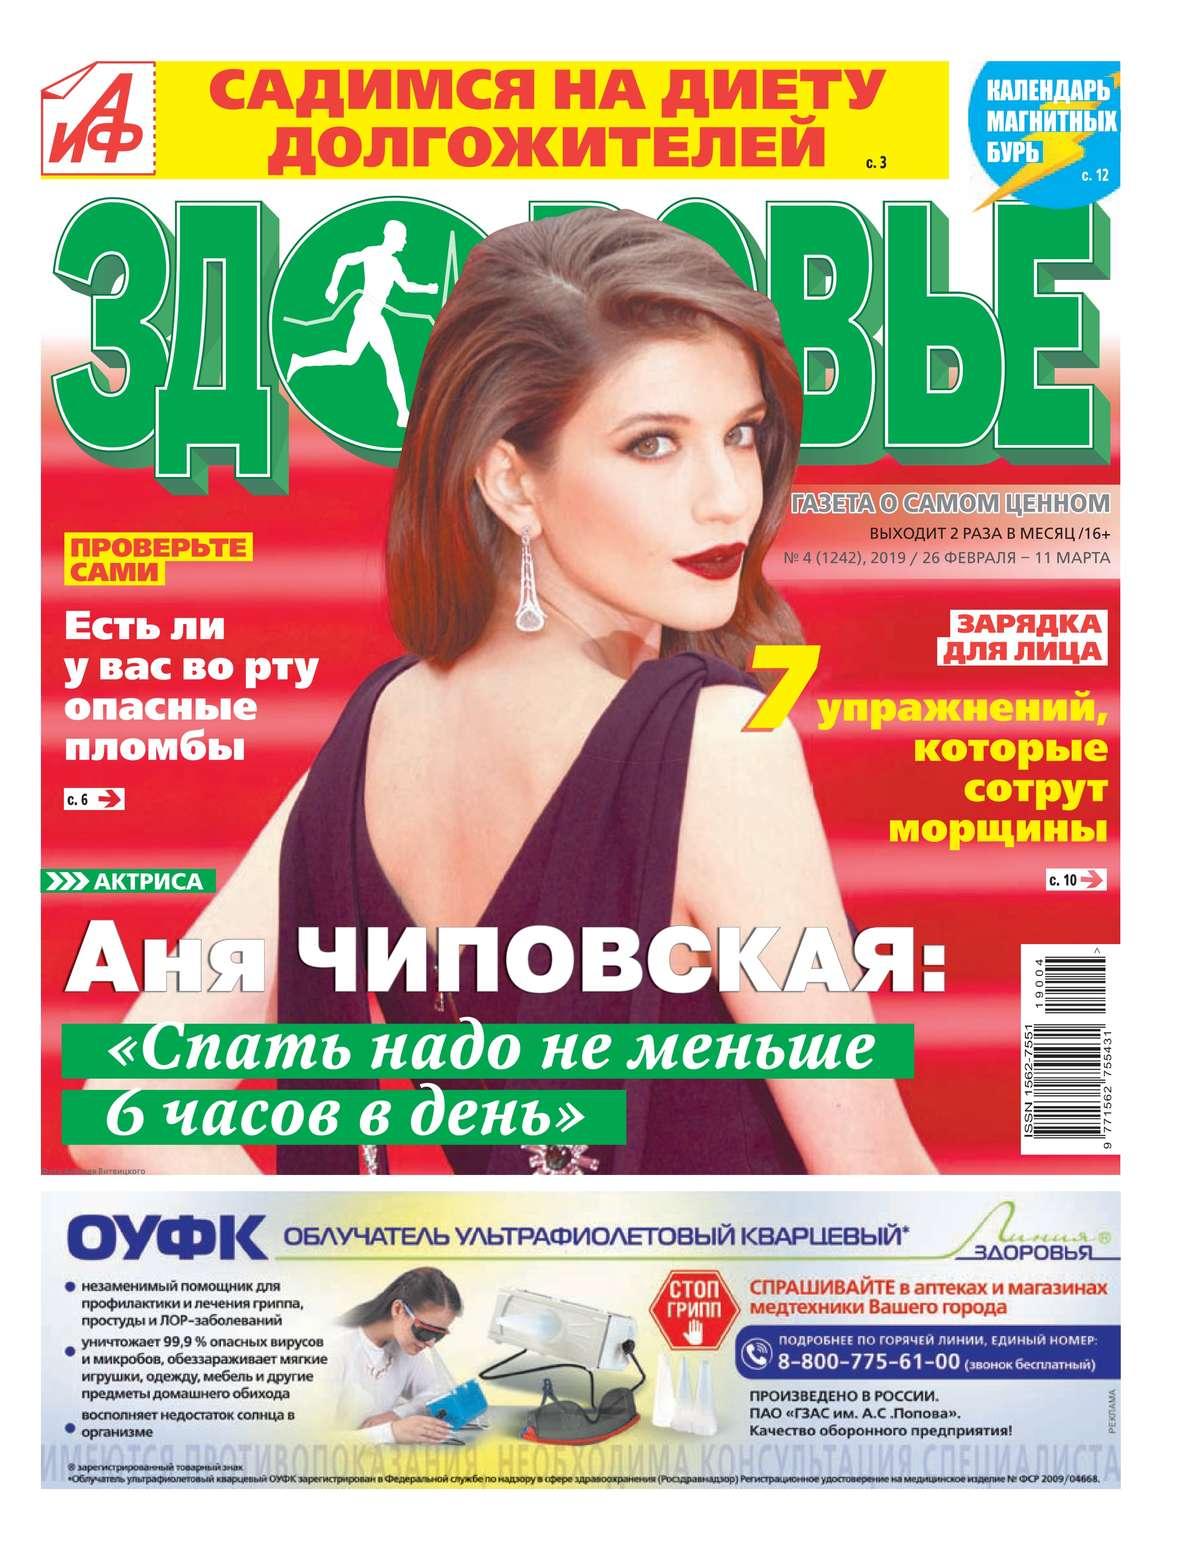 Редакция газеты Аиф. Здоровье Аиф. Здоровье 04-2019